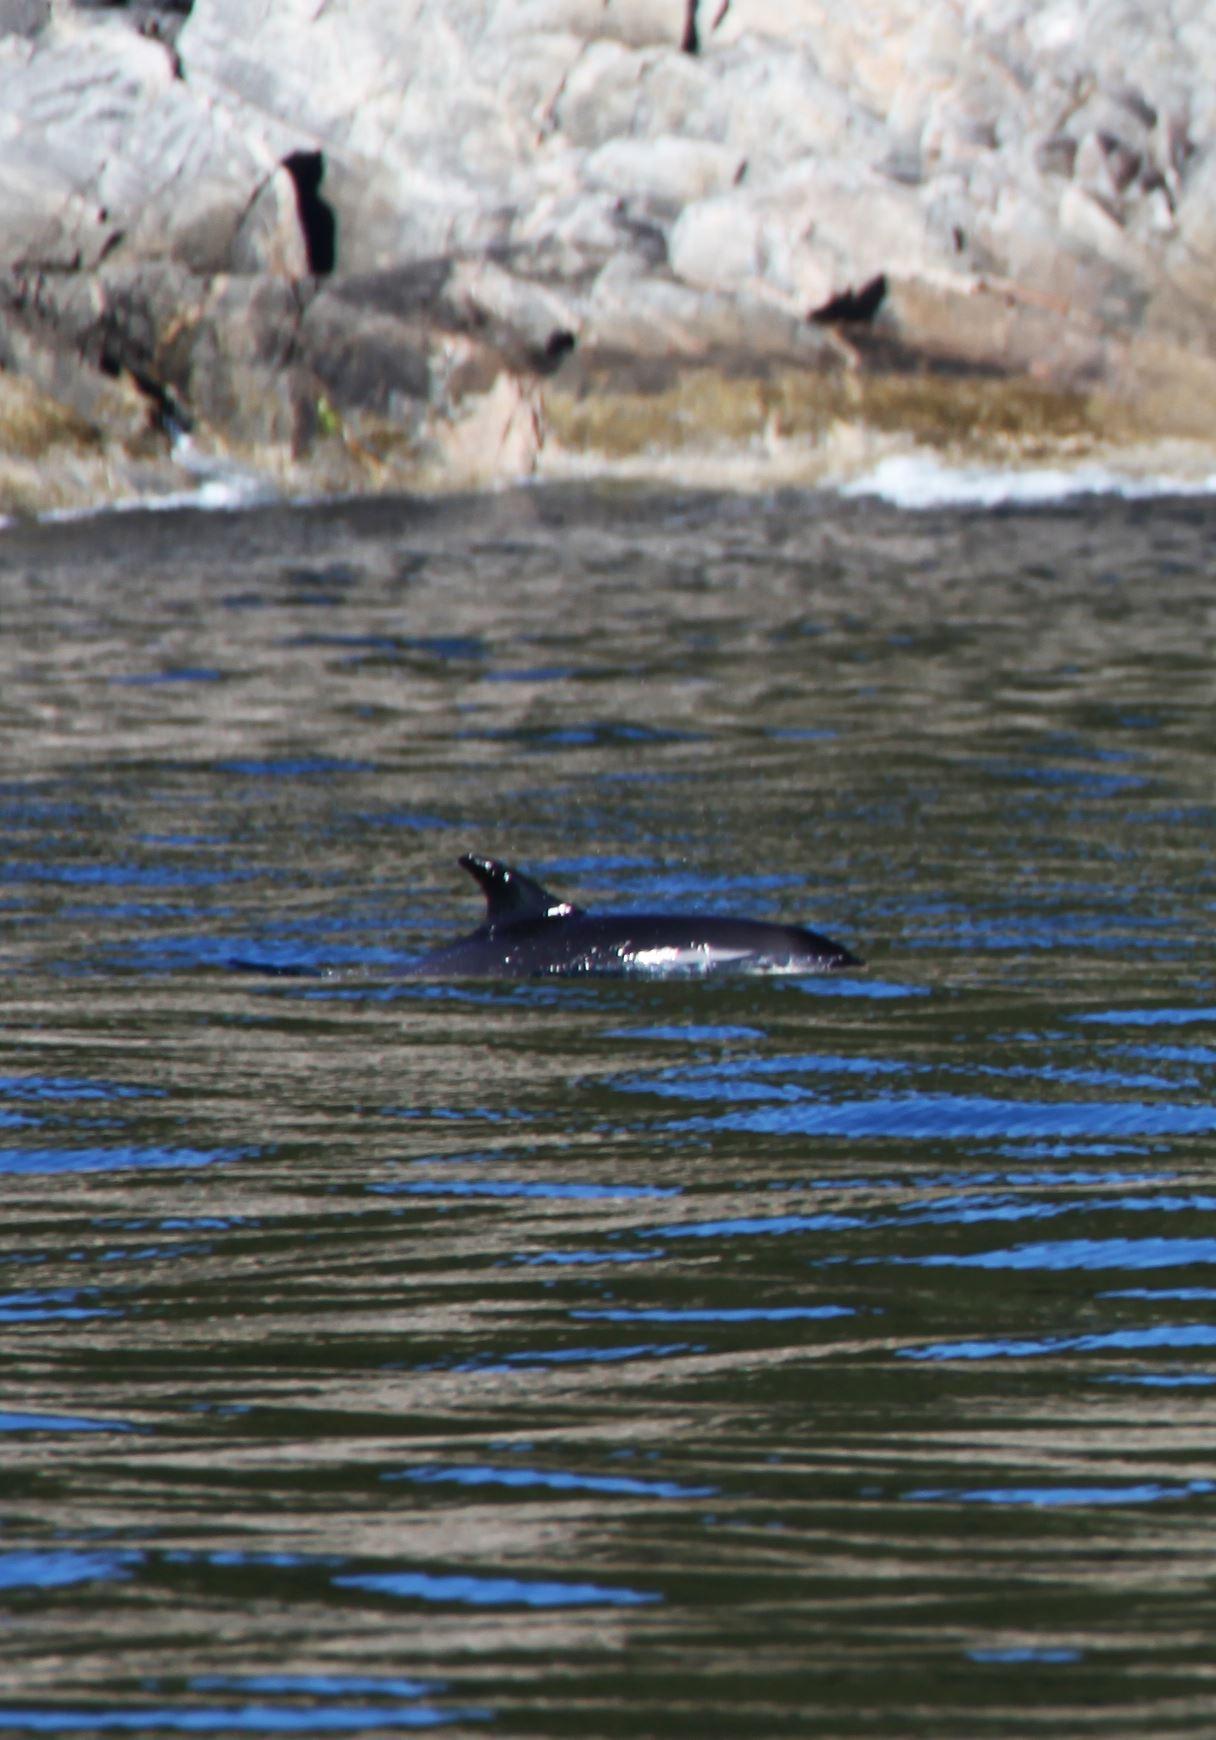 Arctic Nature Cruise - Sørøya Havfiskecruise